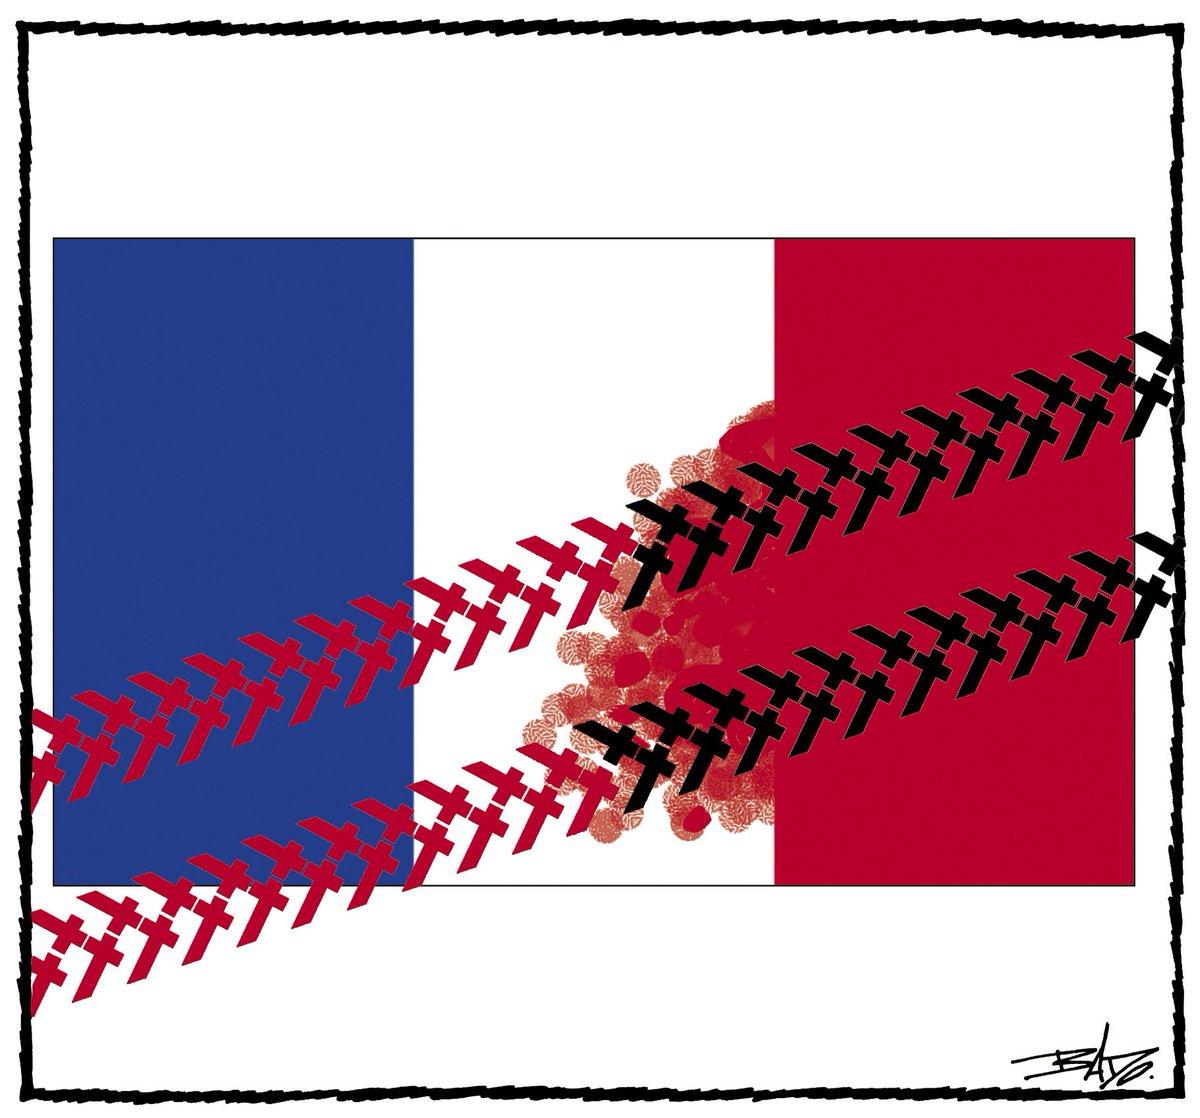 EN IMAGES - Attentat à Nice: des dessins pour rendre hommage aux victimes. CnXjy4TXgAAn6BT